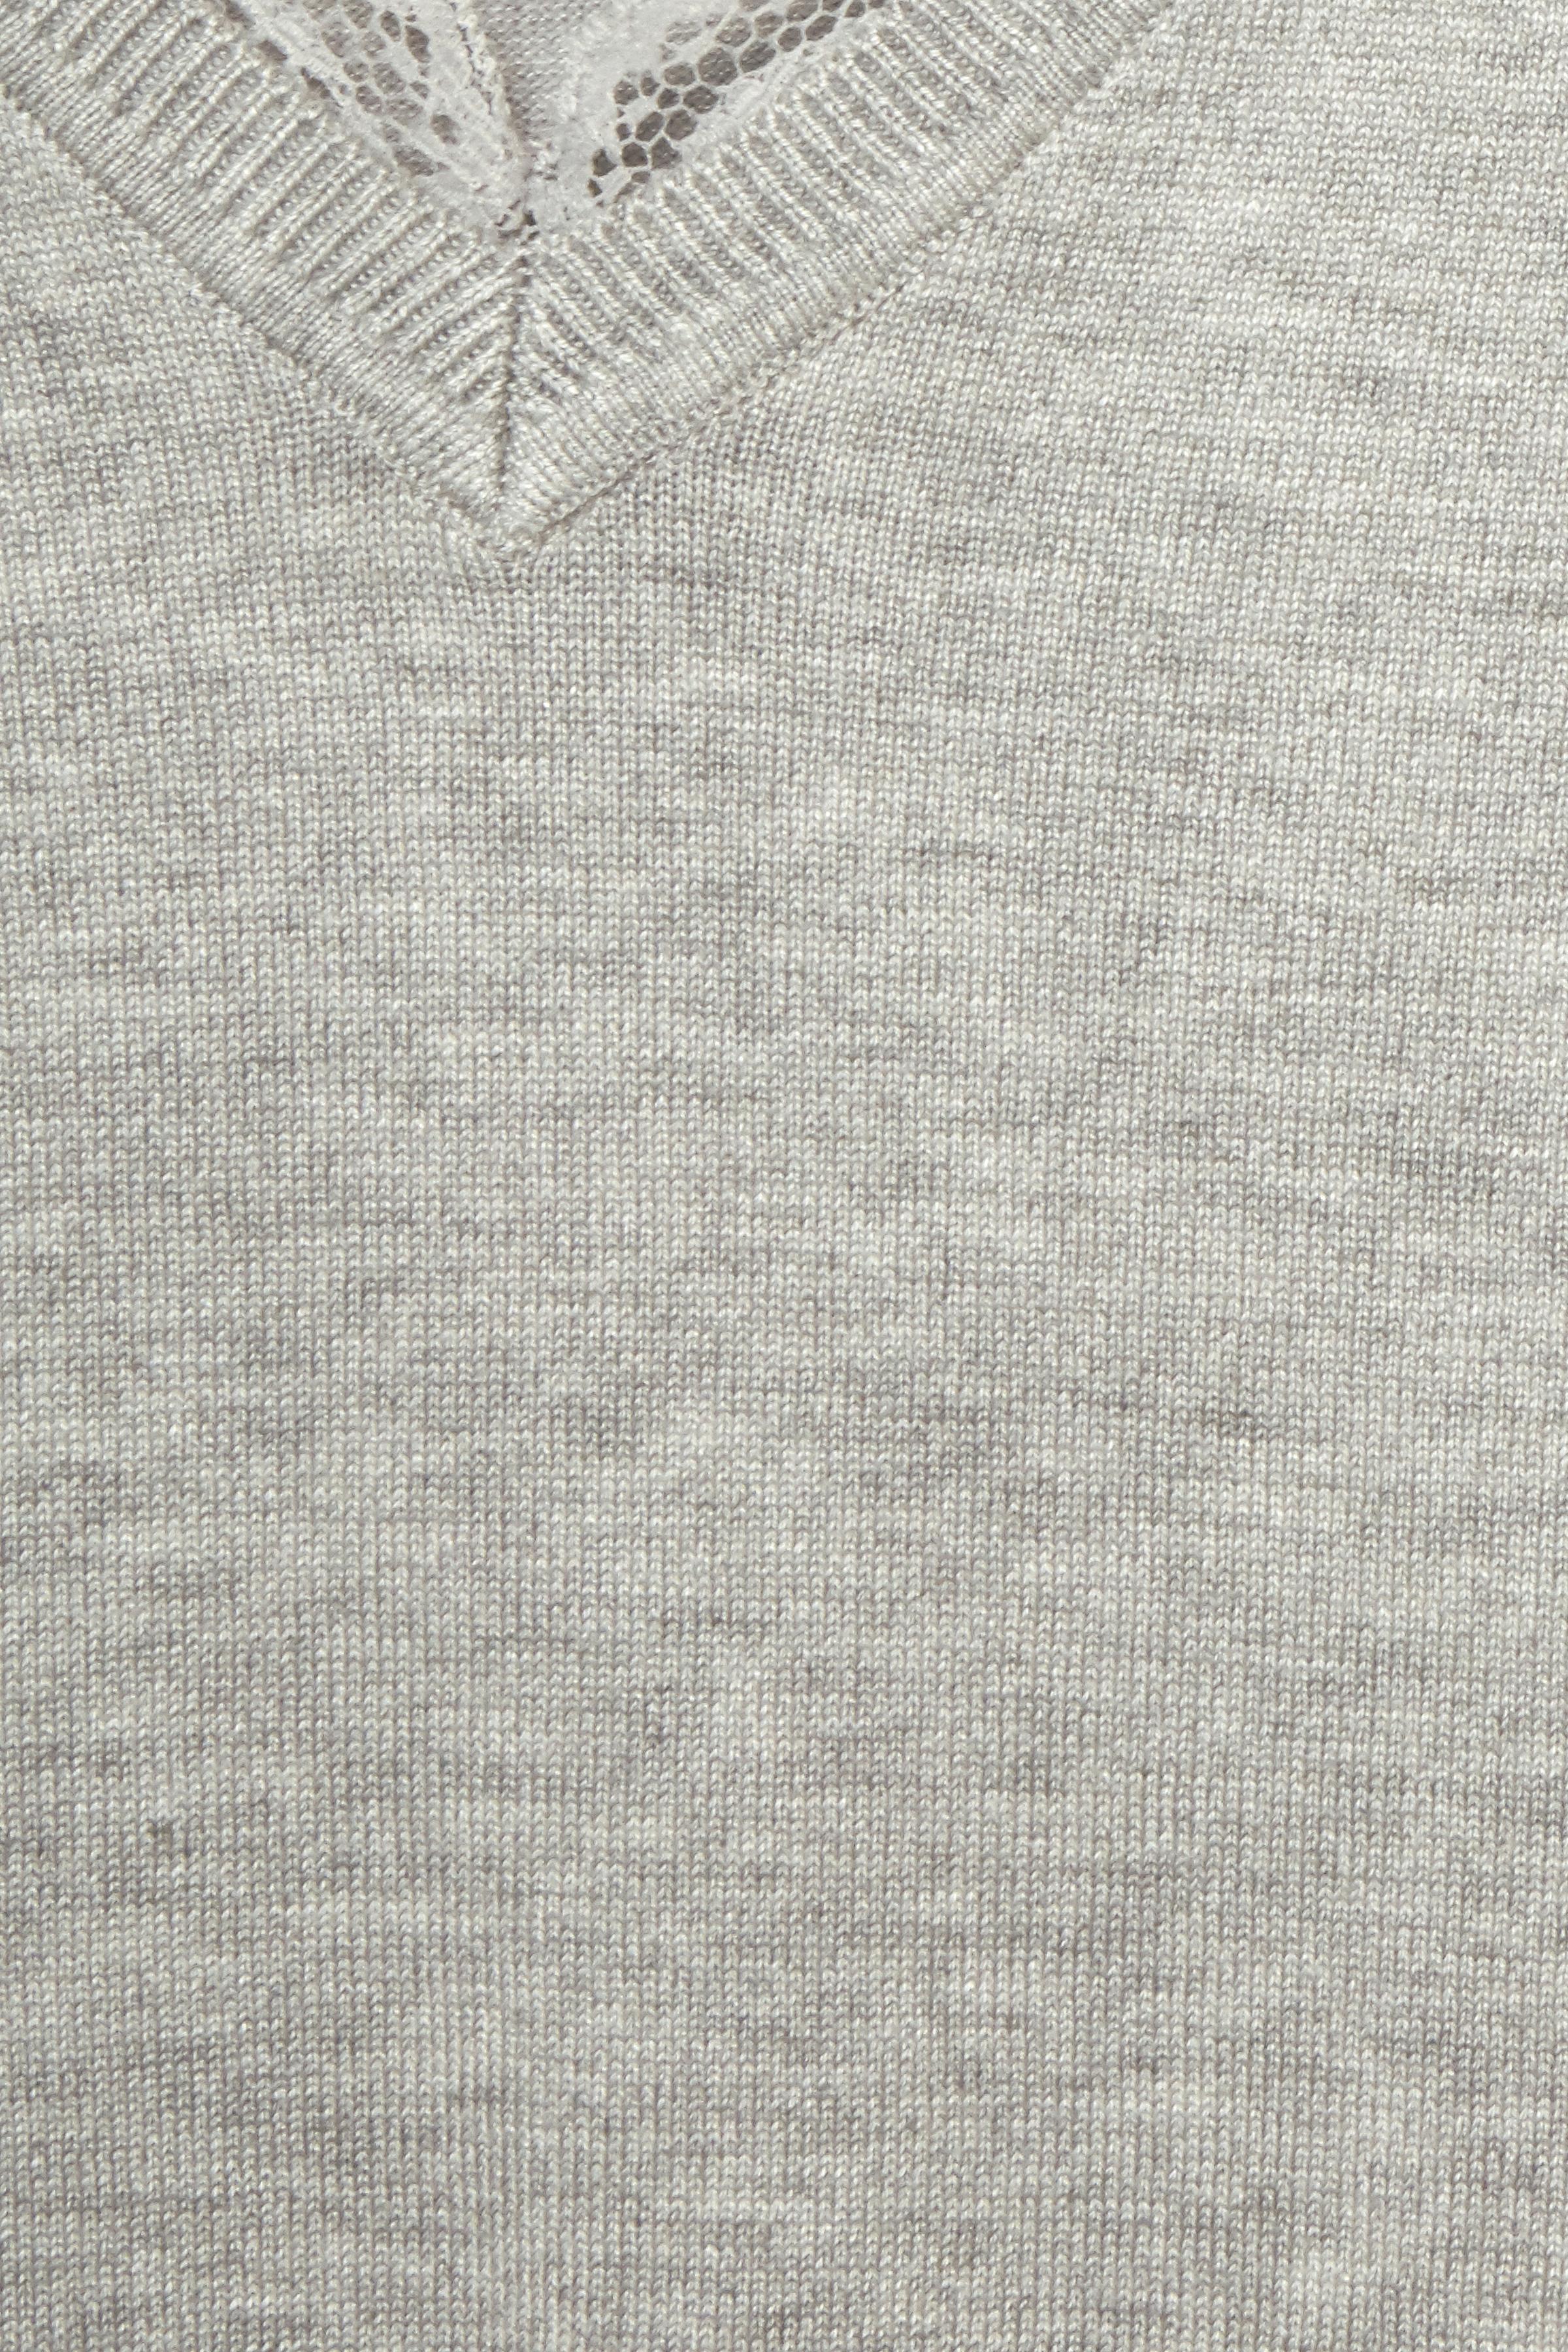 Hellgrau meliert Strickpullover von Fransa – Shoppen Sie Hellgrau meliert Strickpullover ab Gr. XS-XXL hier